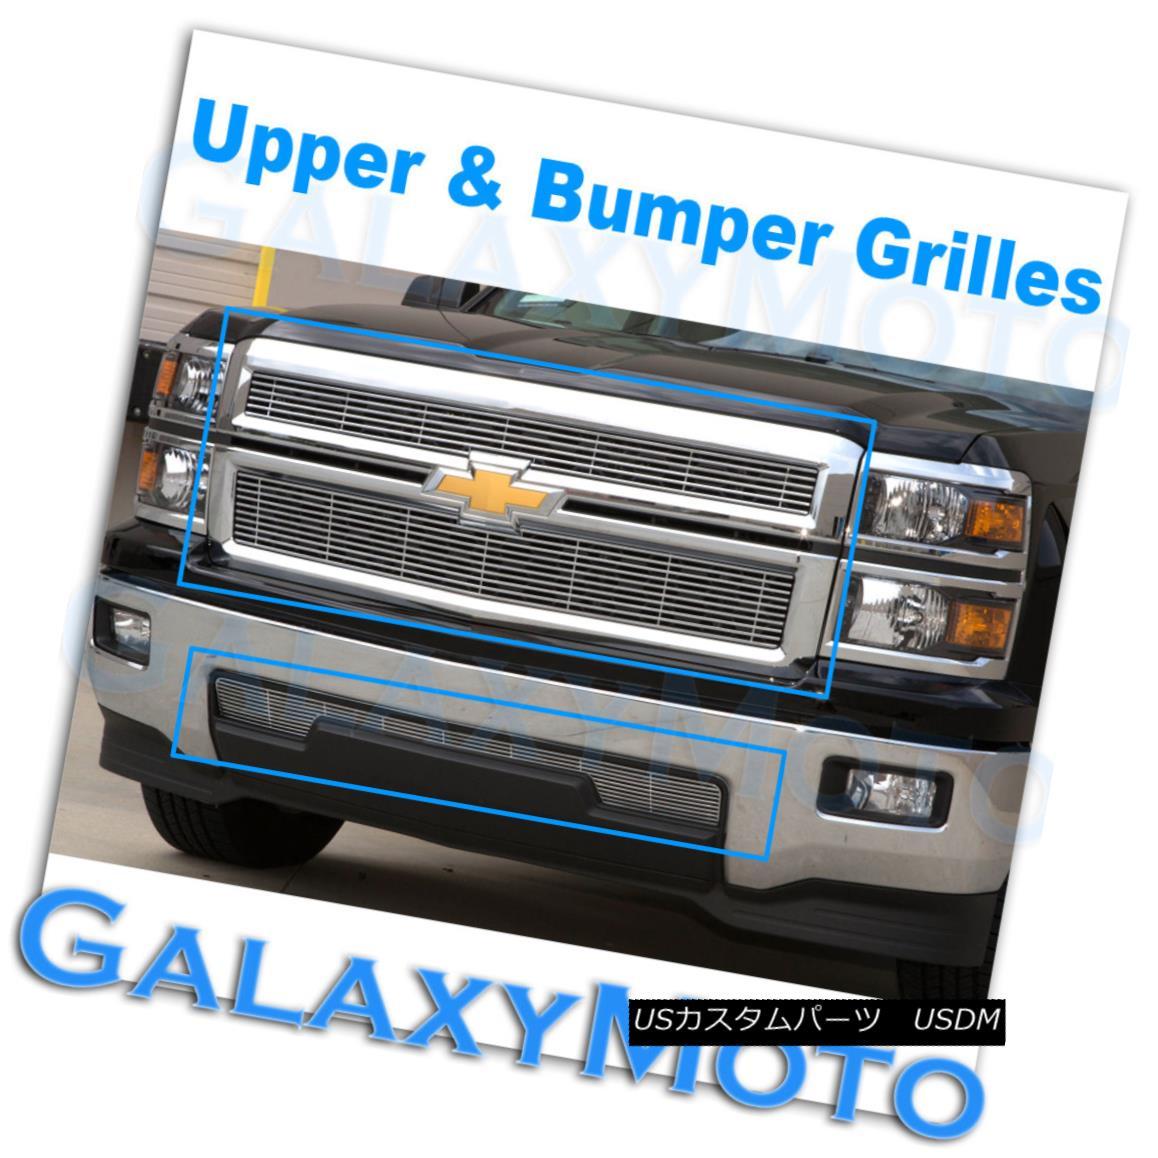 グリル 14-15 Chevy Silverado 1500 Triple Chrome Upper+Bumper NO Tow Billet Grille Combo 14-15 Chevy Silverado 1500トリプルクロムアッパー+バンパーNO Towビレットグリルコンボ